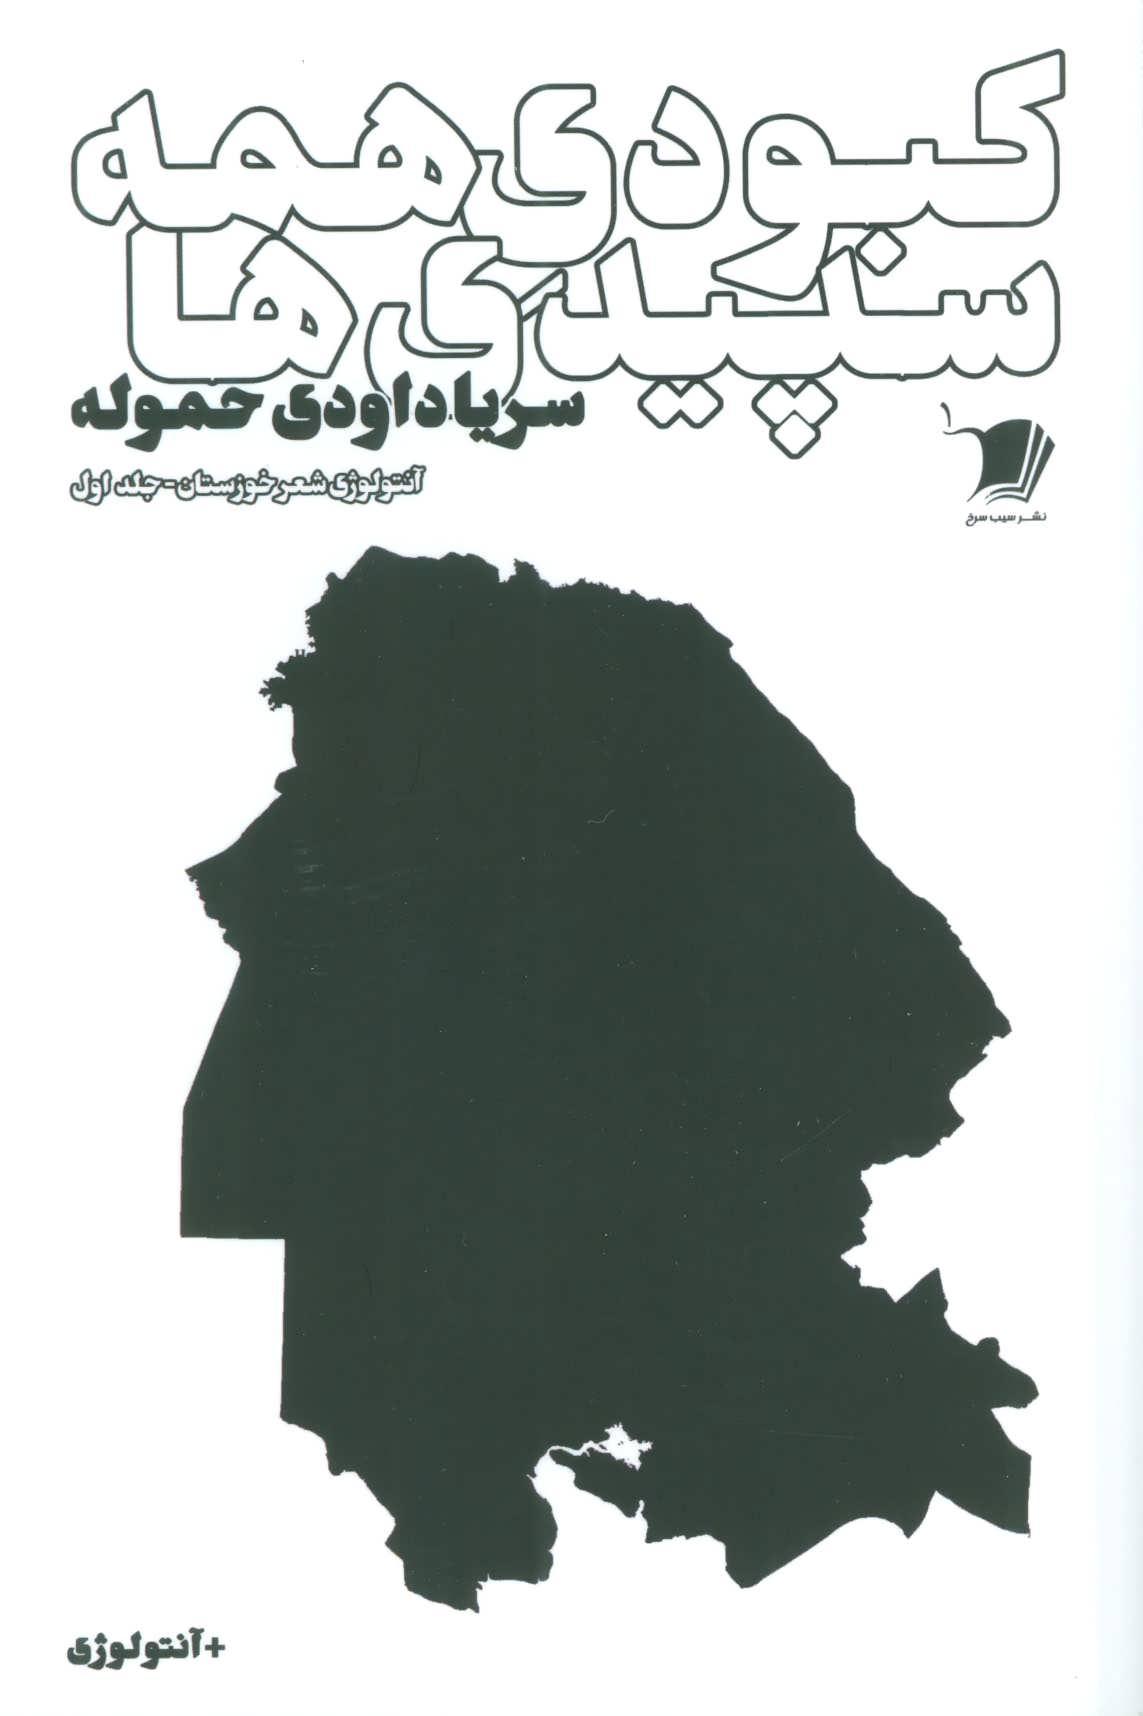 کتاب کبودی همه سپیدیها (جلد اول)